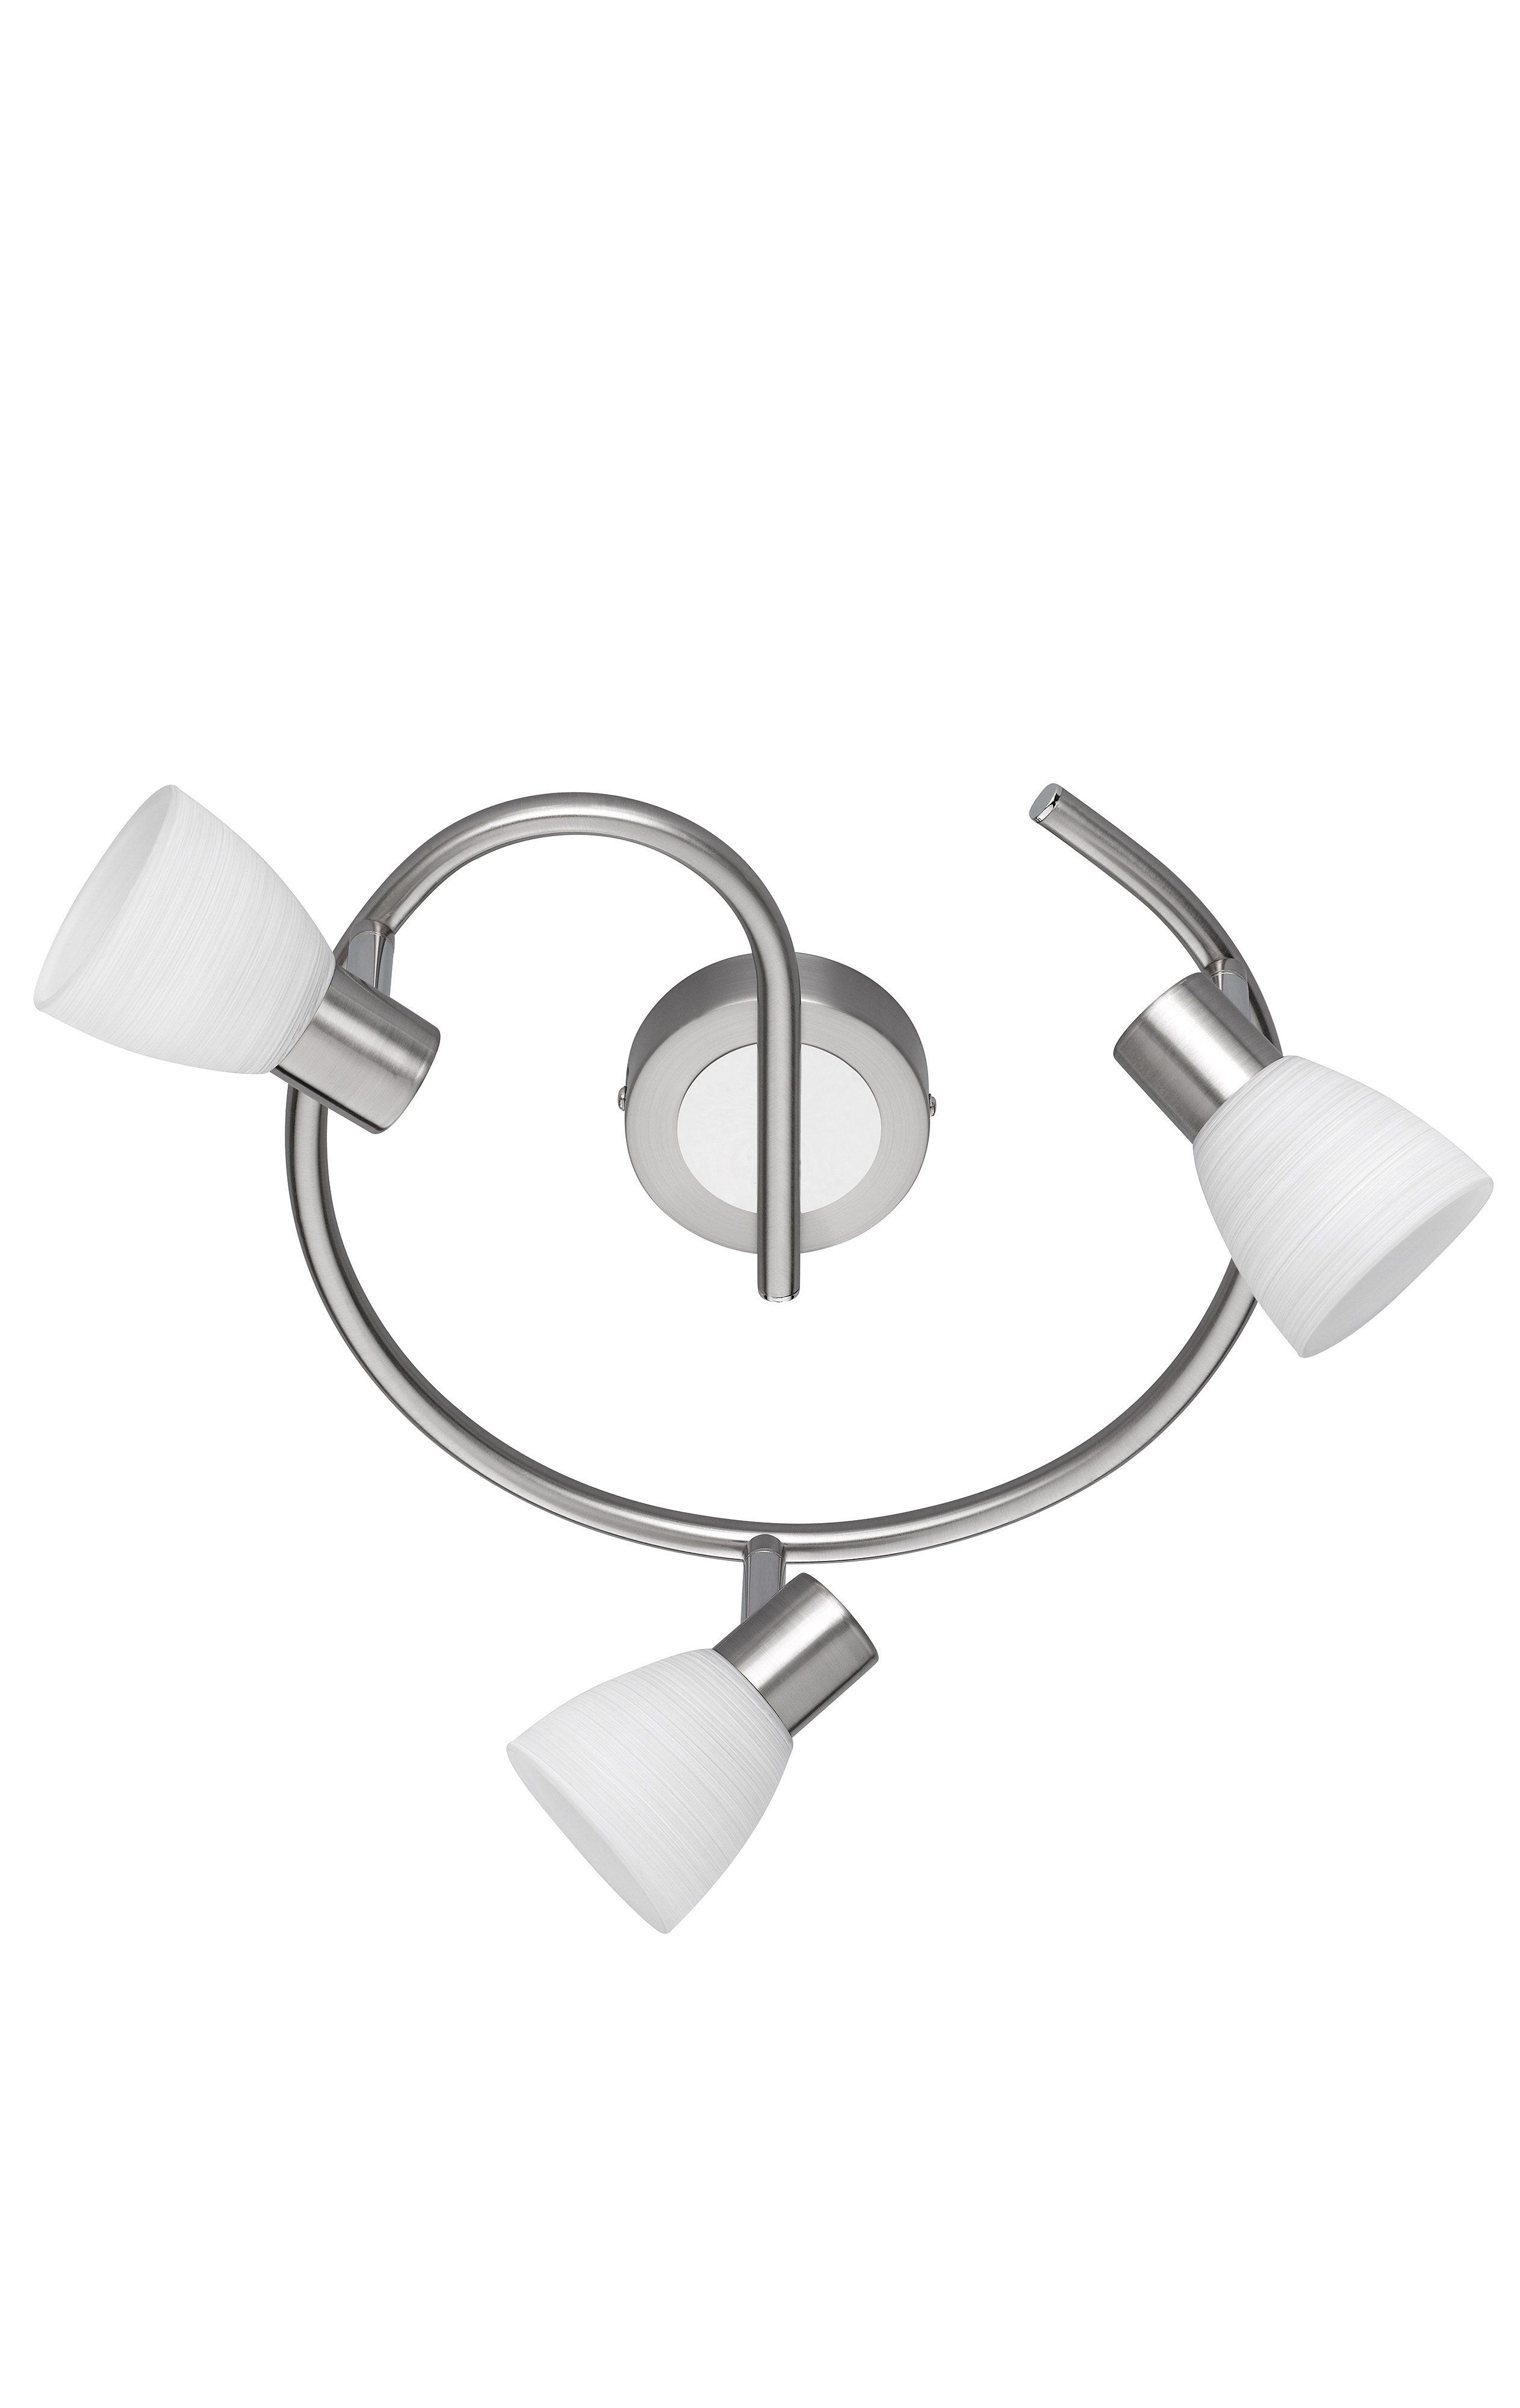 TRIO Leuchten LED Deckenstrahler »CARICO«, 3-flammig